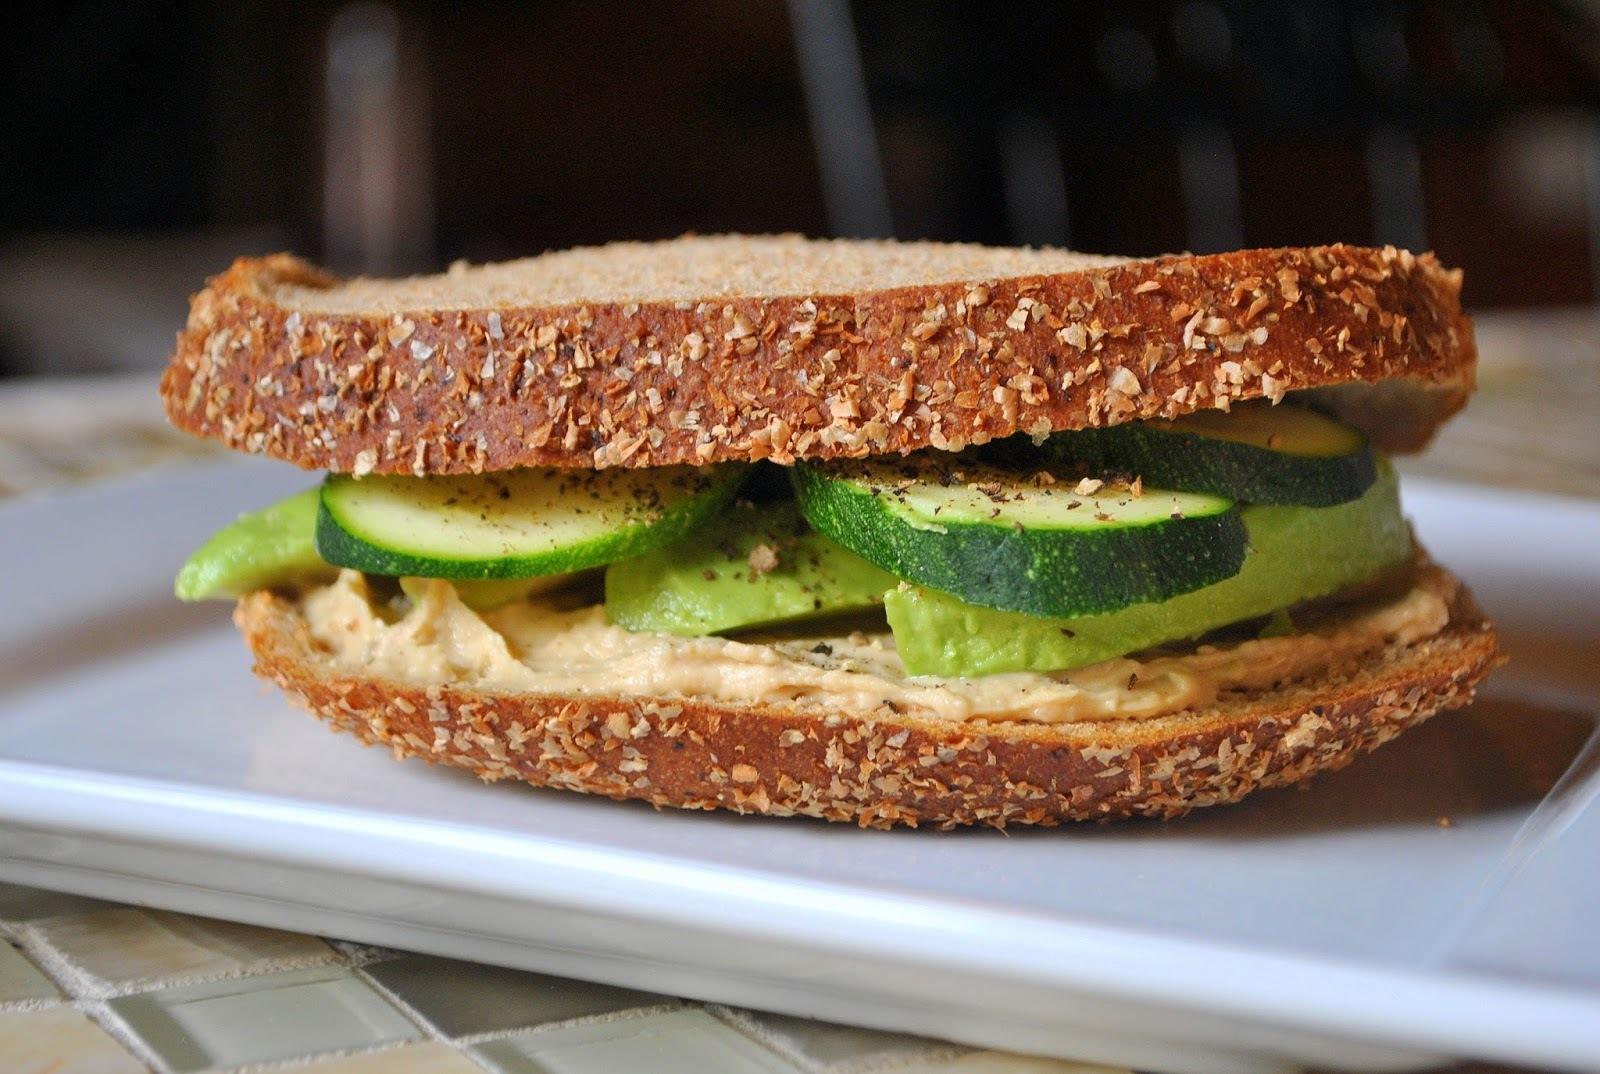 Day 29: Hummus, Avocado & Zucchini Sandwich (30 Days of Vegan Recipes)/Sanduíche de Hummus, Abacate e Abobrinha (Desafio: 30 Dias de Receitas Veganas)